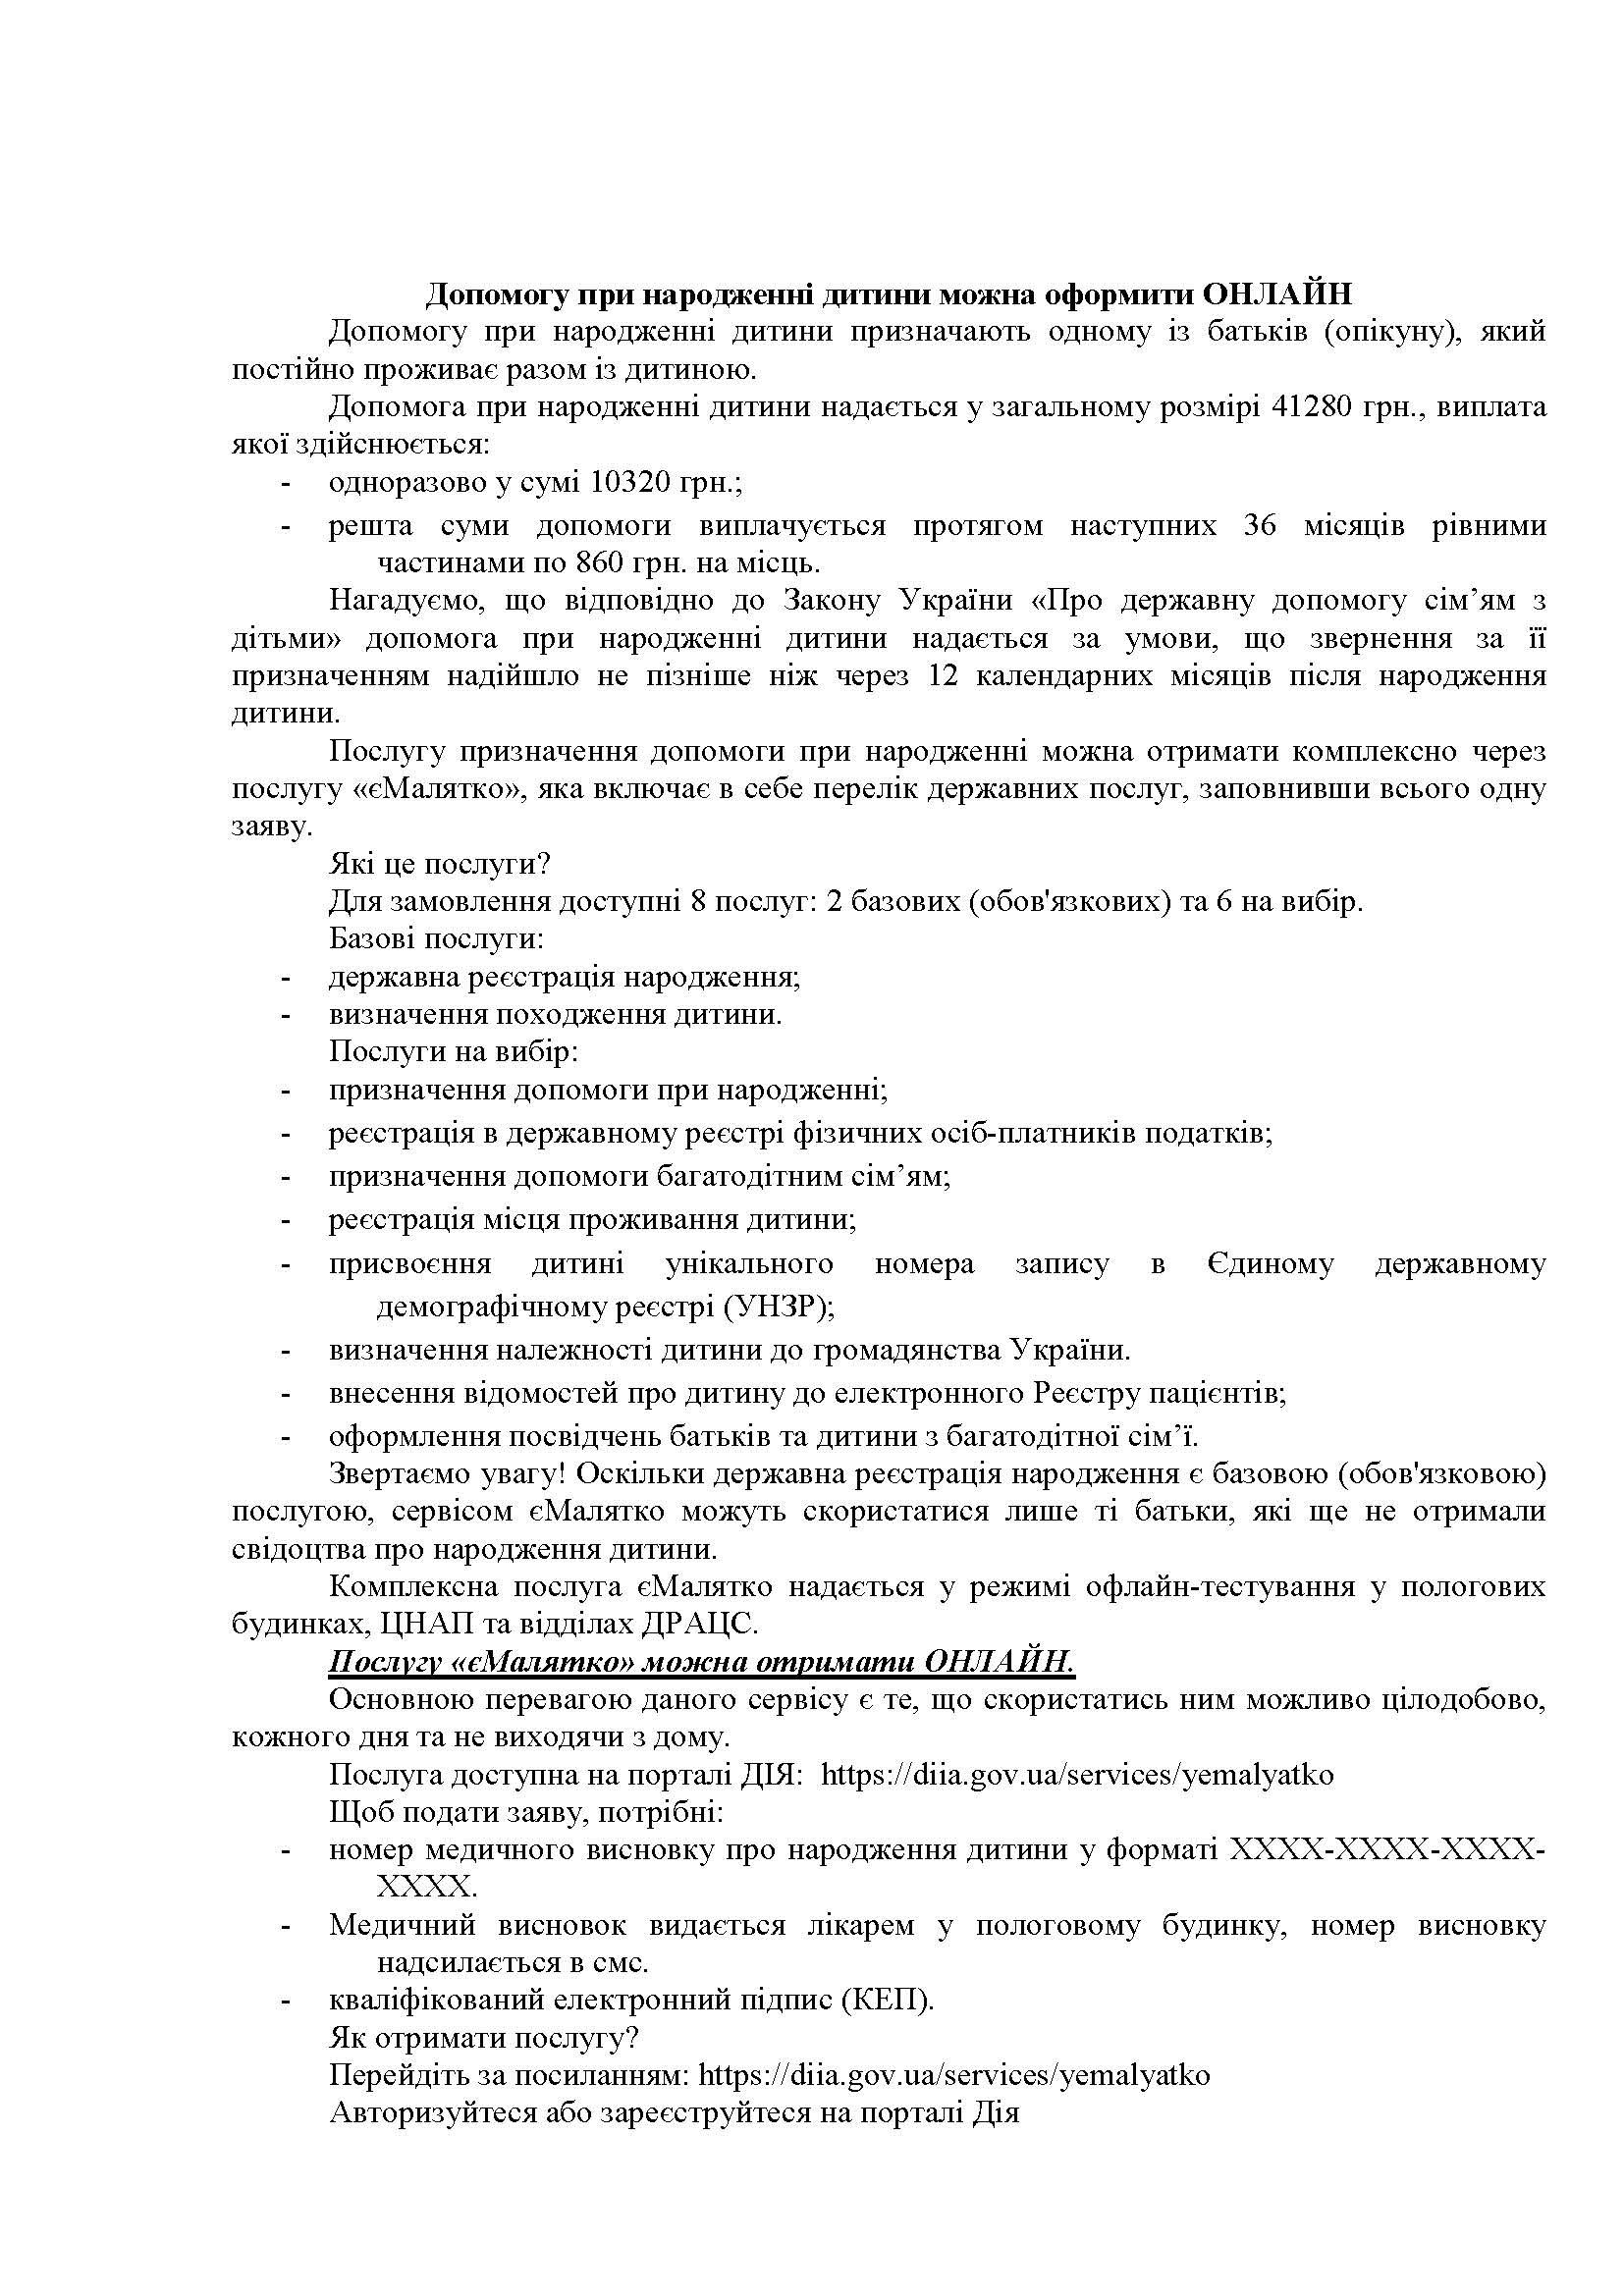 20.04.21_03.1-11-150_соціальні_питання_ТГ_Страница_6